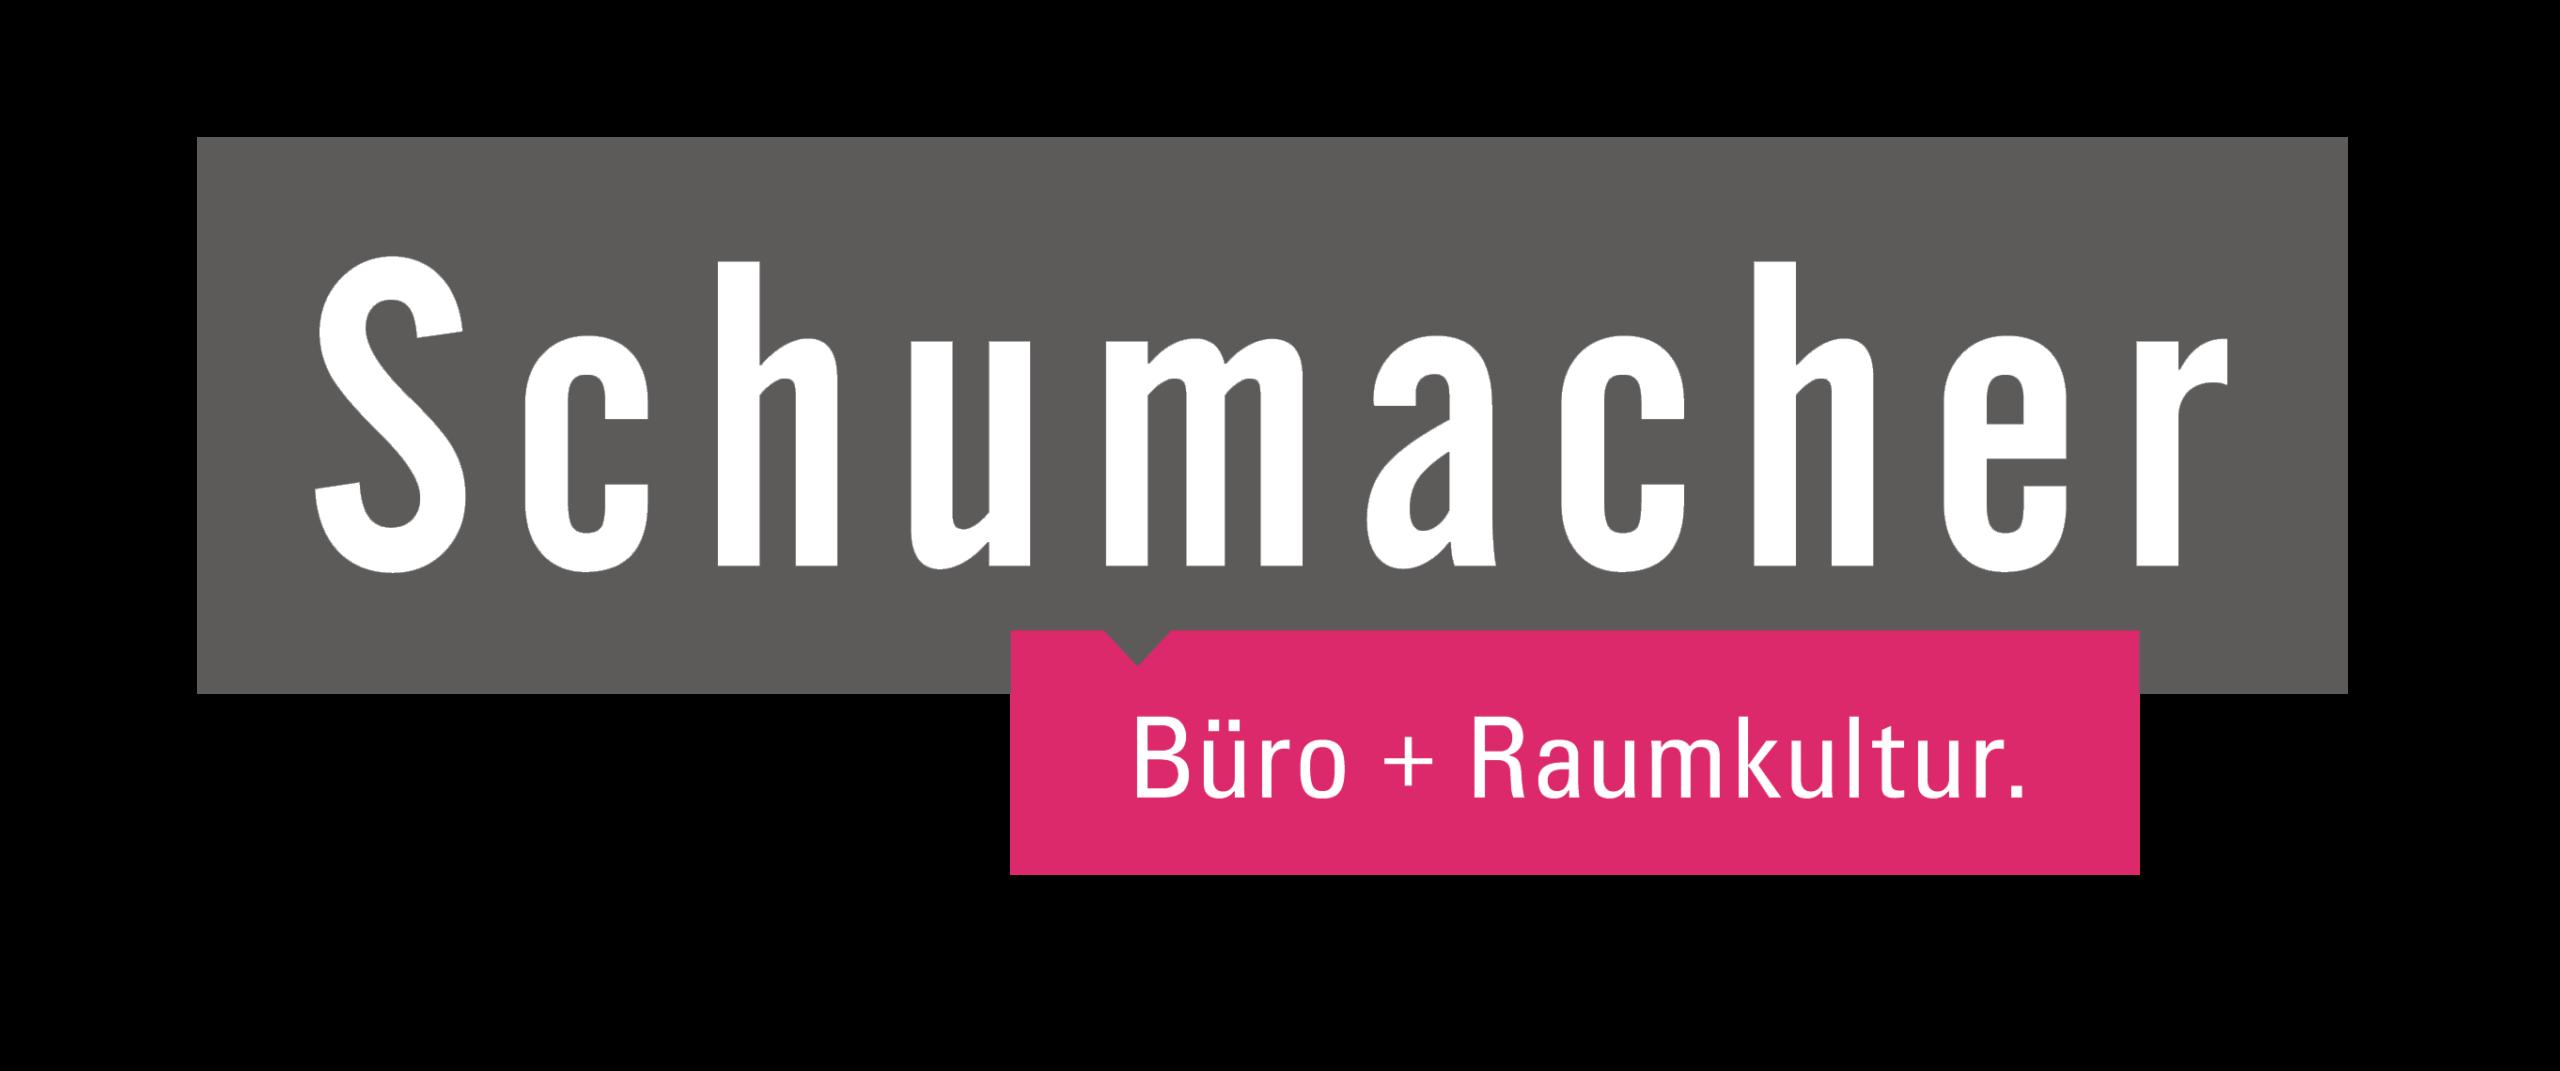 Unternehmertreffen Nordwest Logo Walther Schumacher GmbH